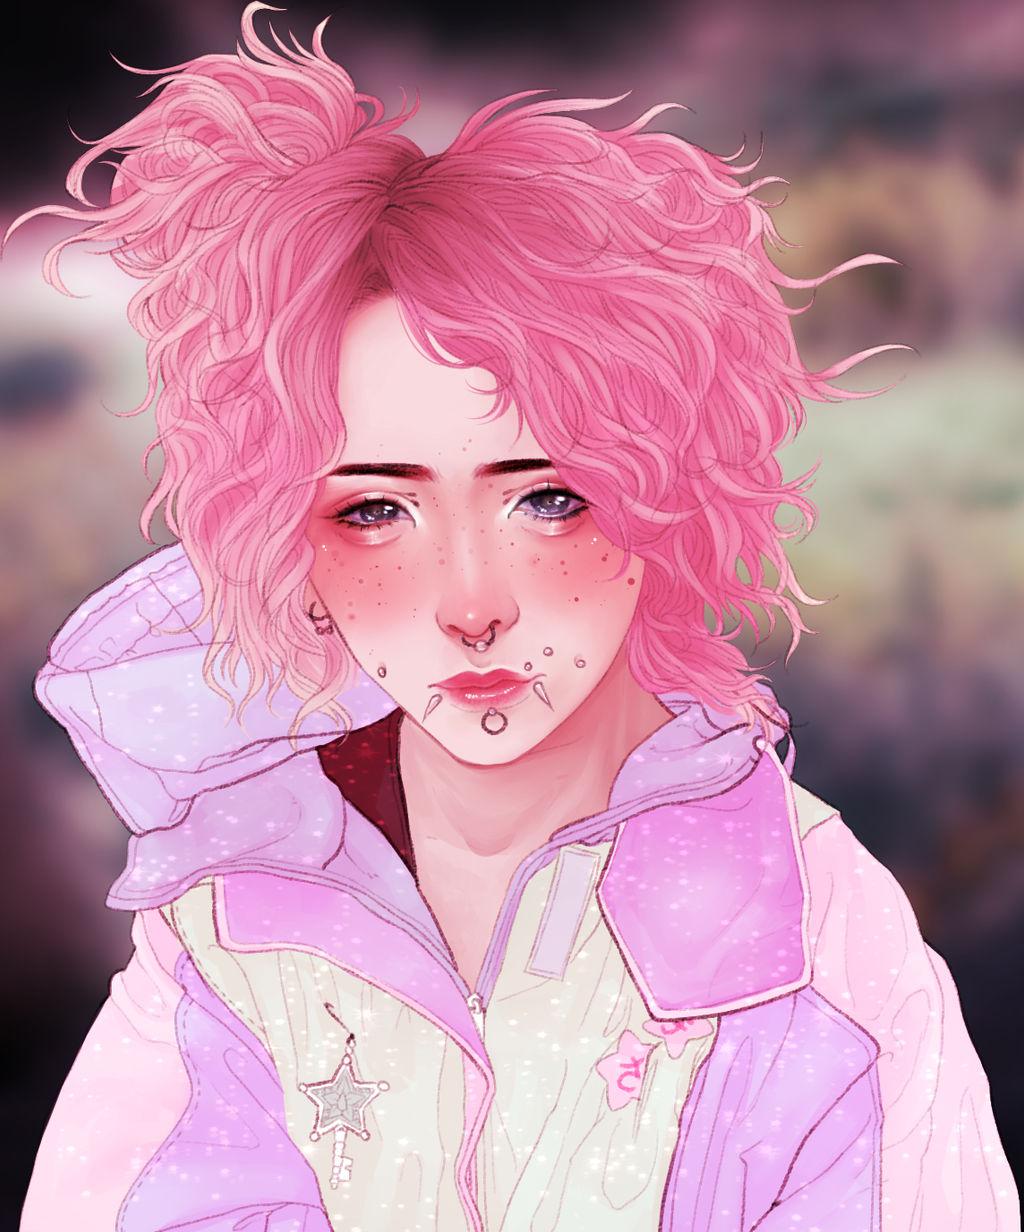 yume_sei_dou_kirino_by_27133_dcoiwr5-ful